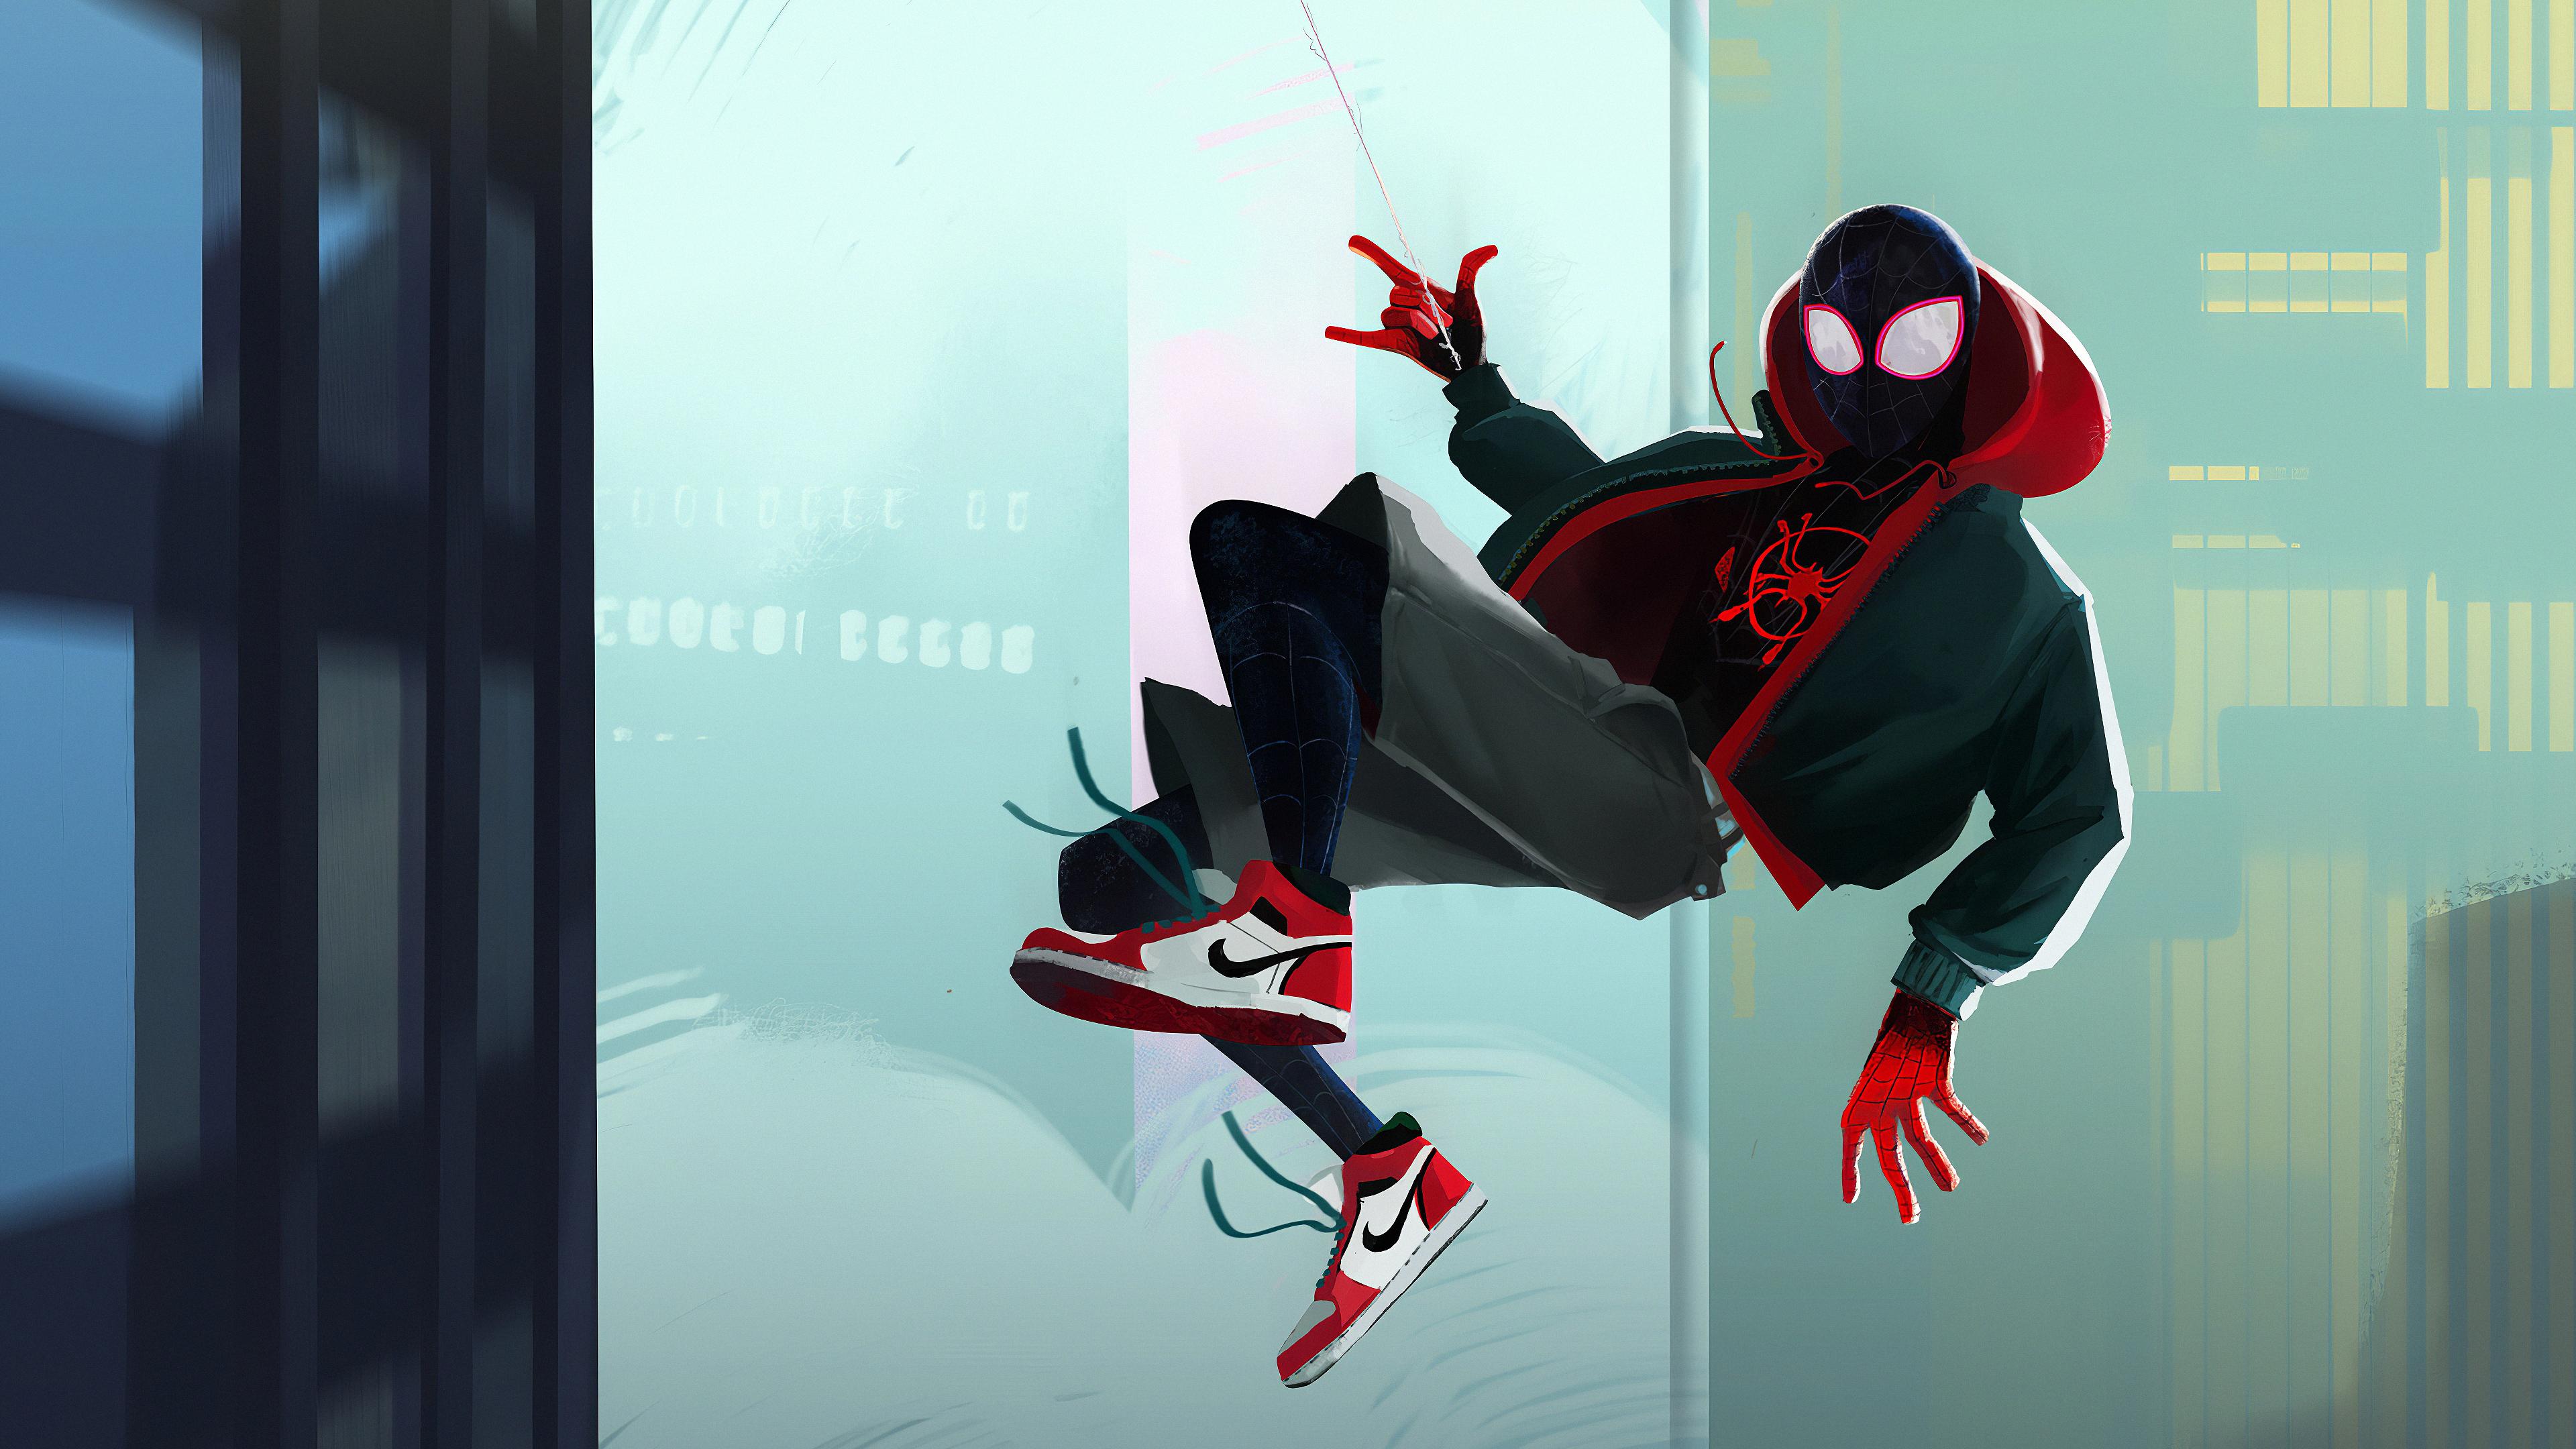 spider man 1576090708 - Spider Man - spiderman 4k wallpaper, spider man wallpaper hd 4k